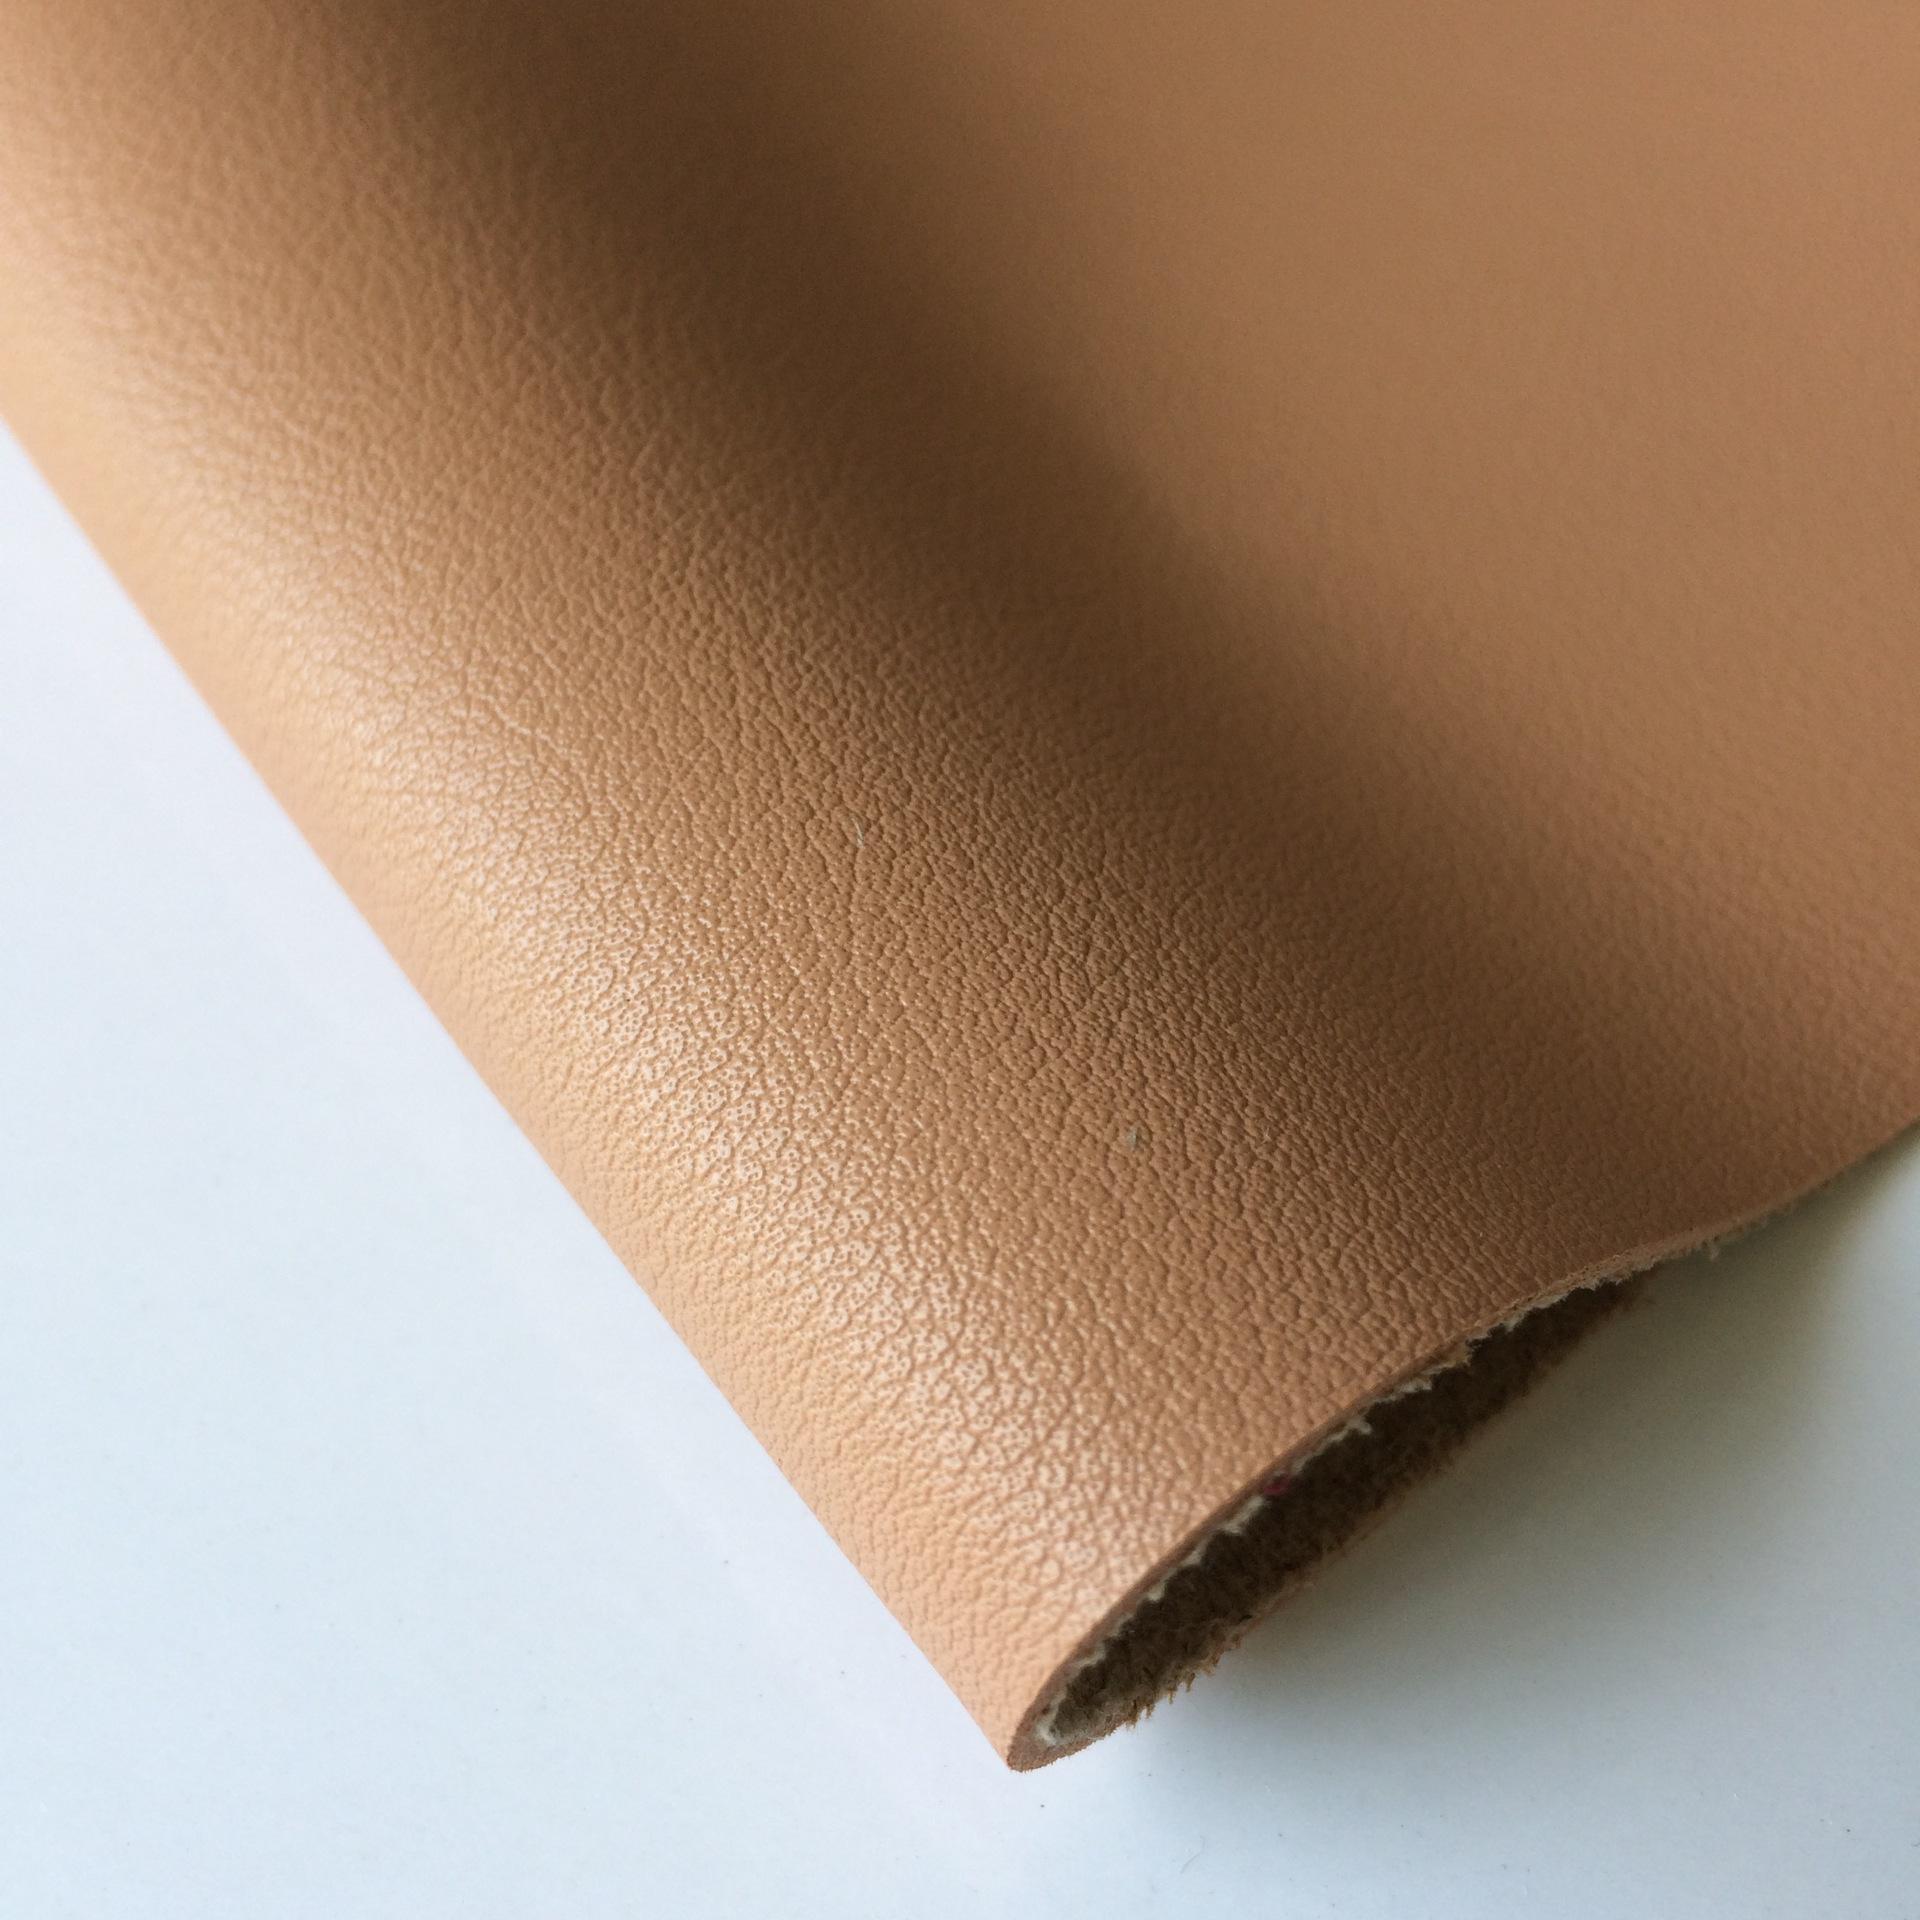 Các nhà sản xuất tại chỗ hot bán scratch resistant mặc 1.7 dày mô phỏng lớp đầu tiên da napa da vải